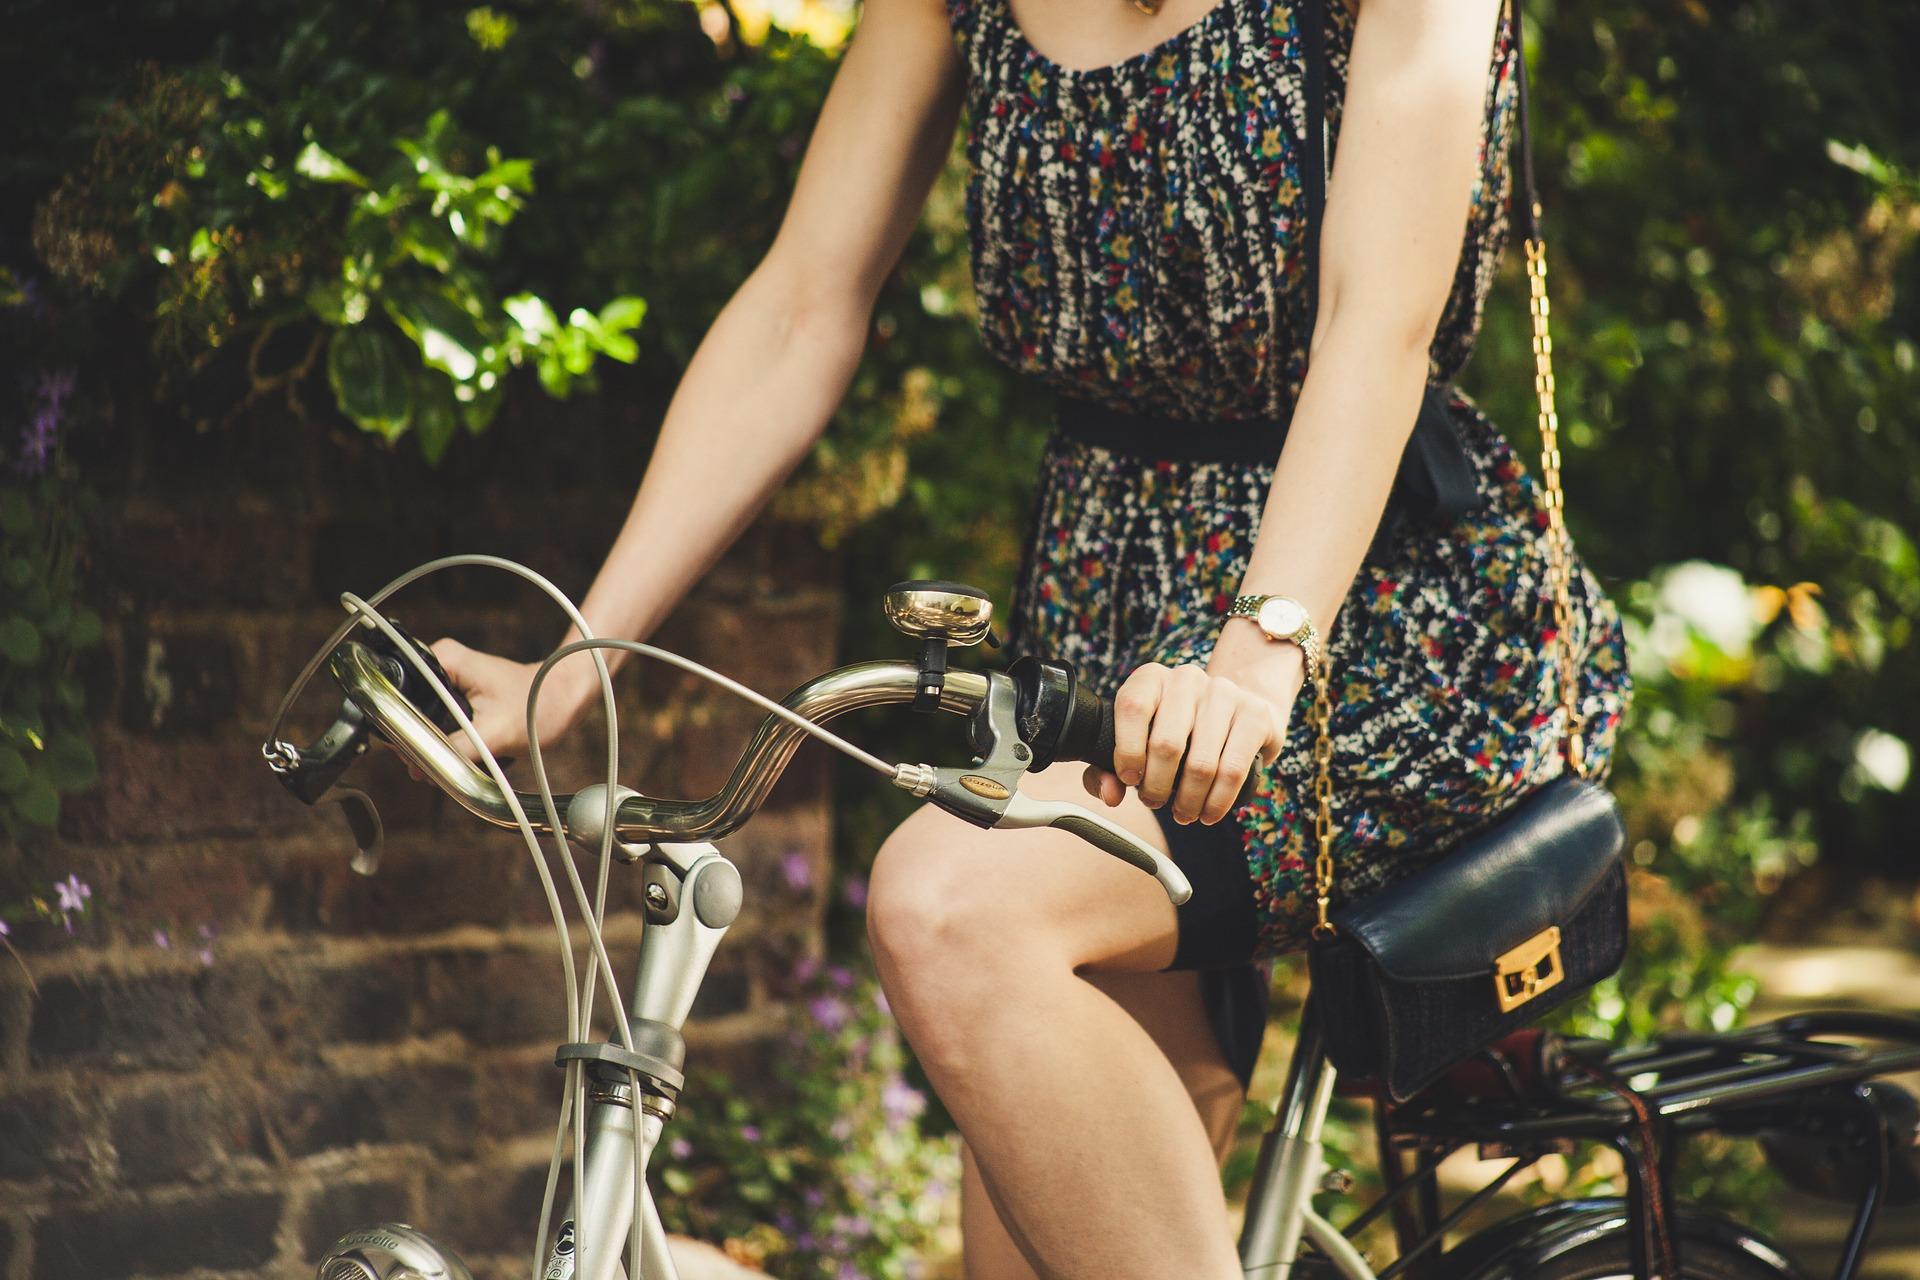 Kvinde på cykel